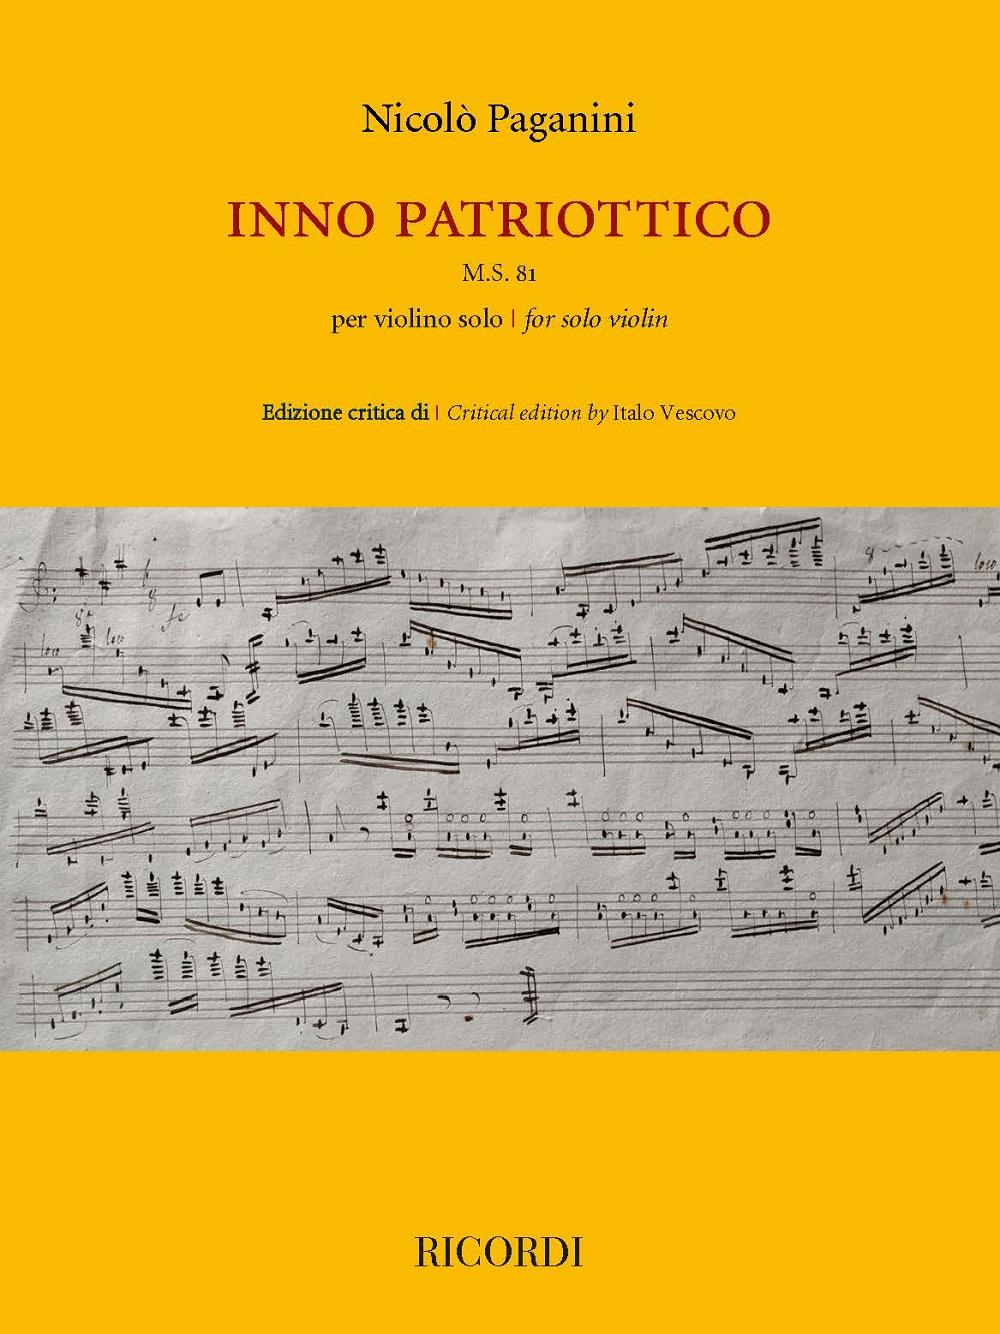 Inno Patriottico M.S. 81 per violino solo: Violin Solo: Instrumental Work